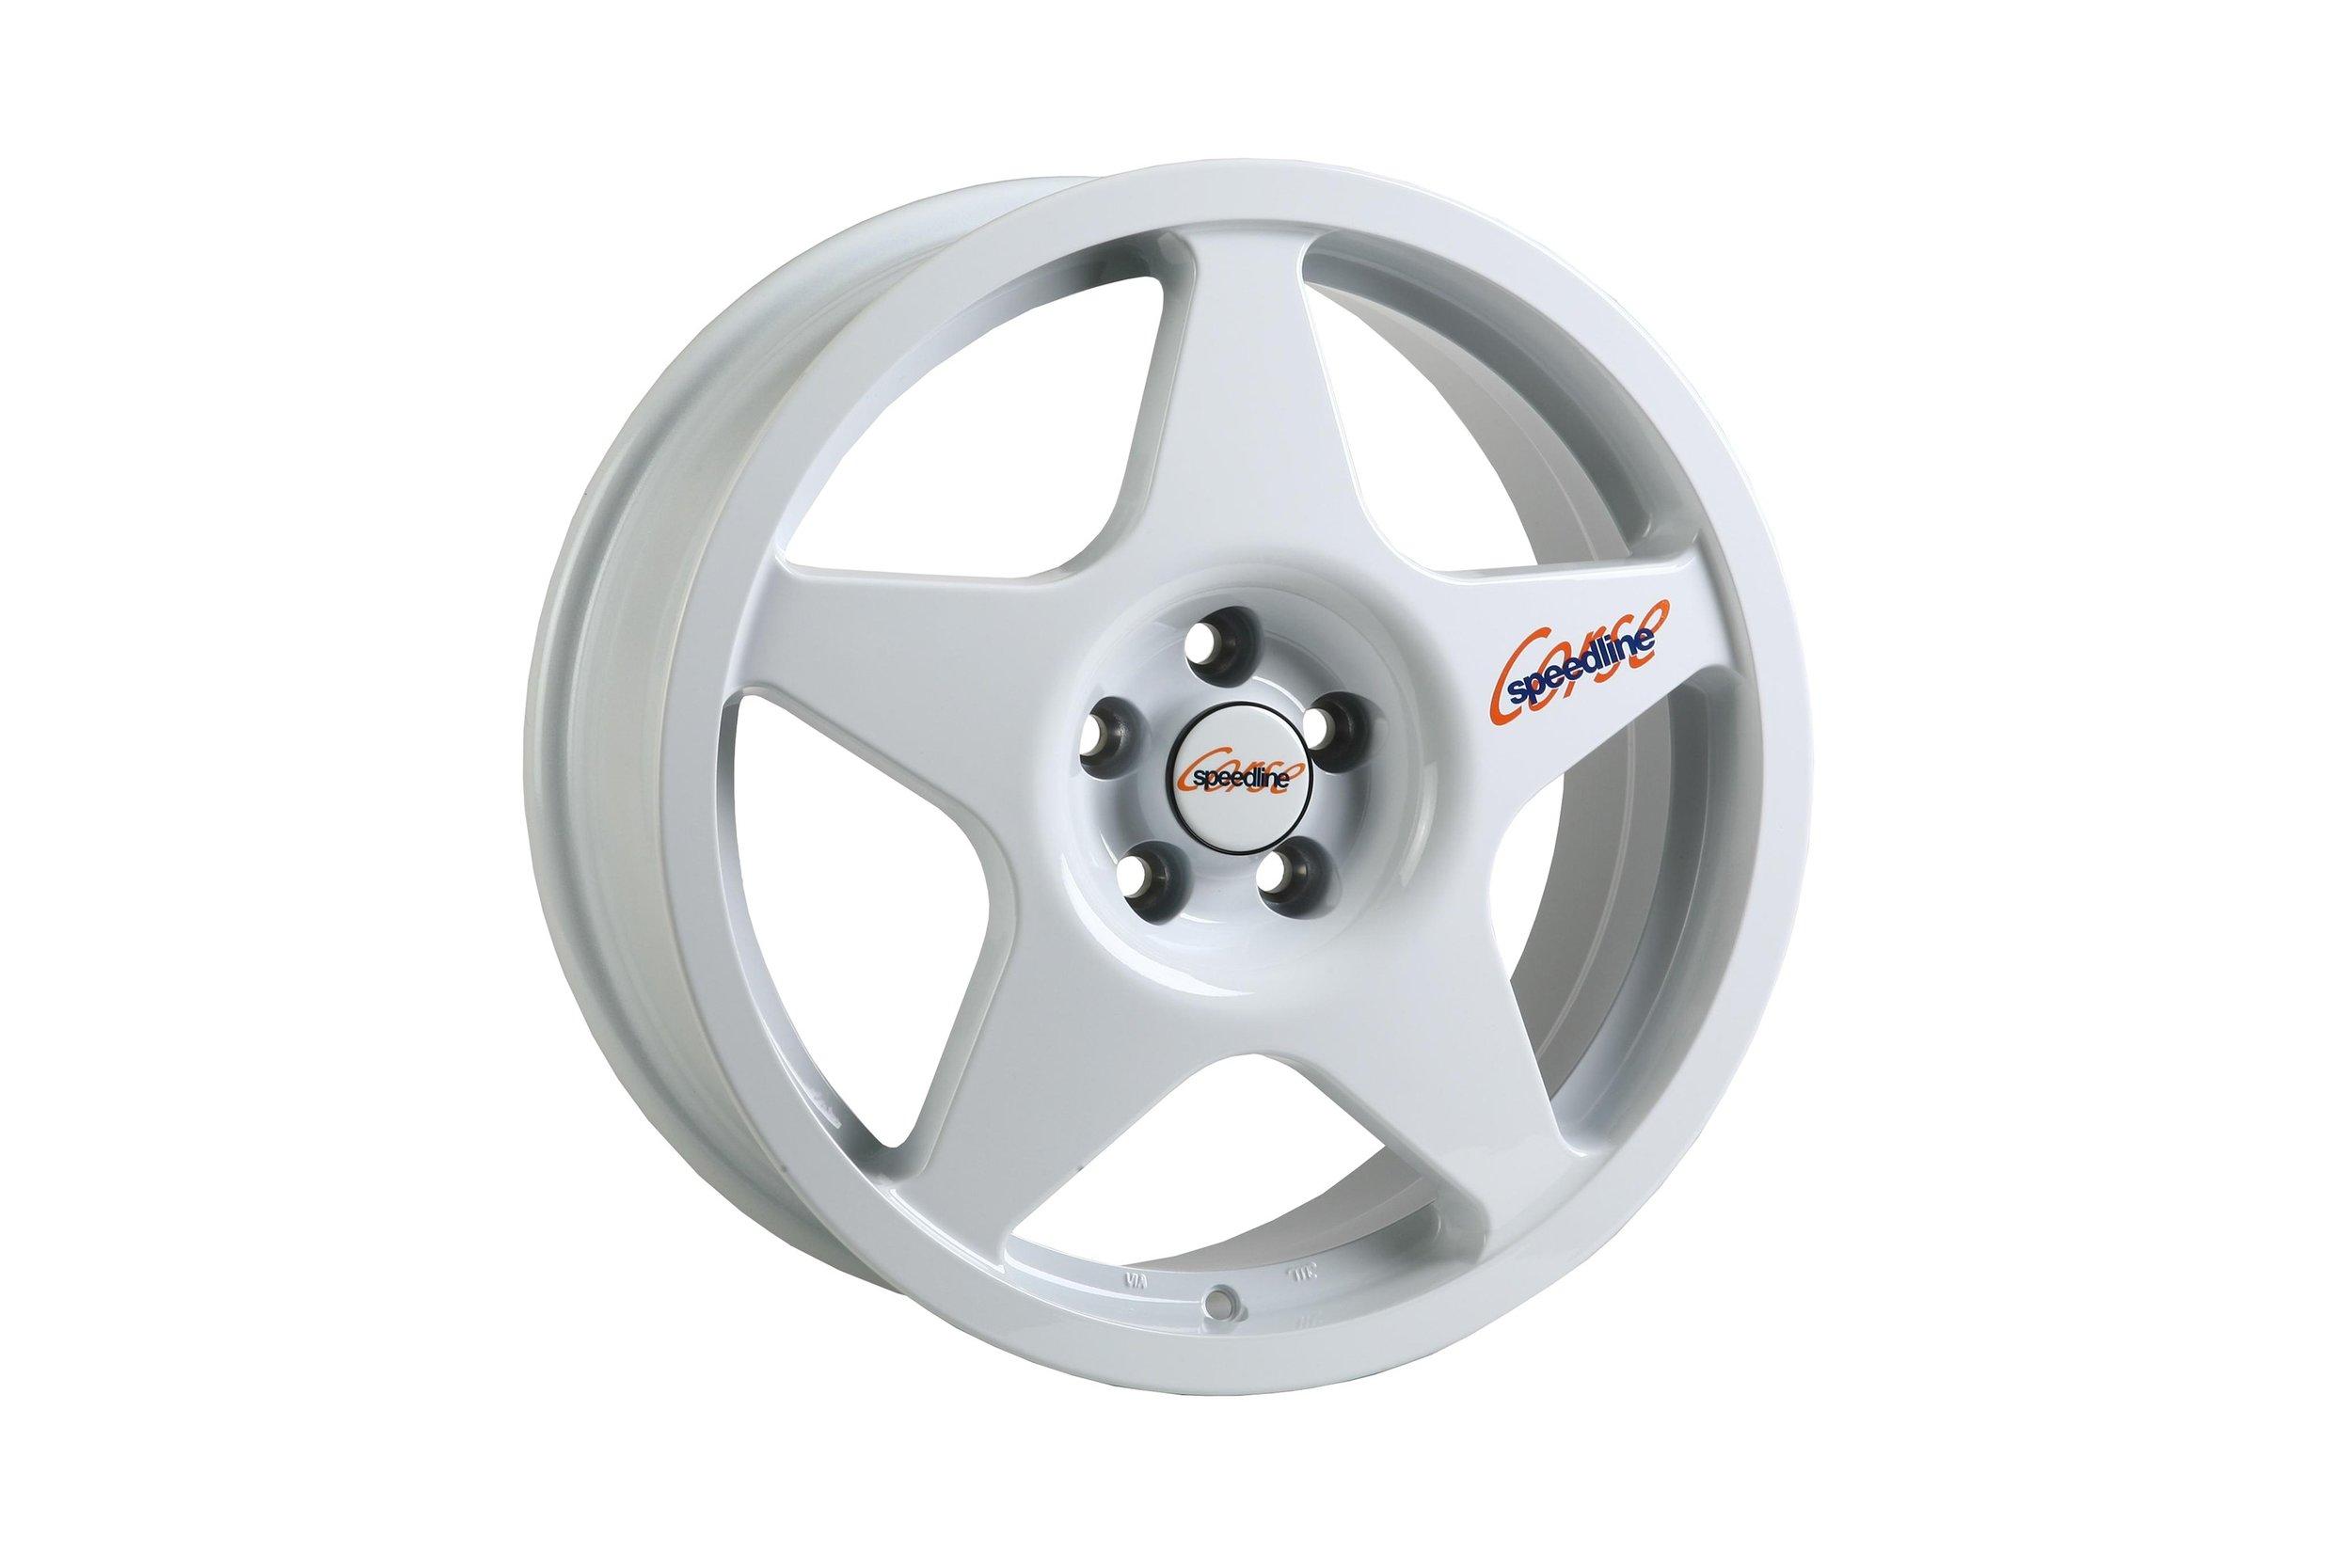 Speedline Retro Wheel